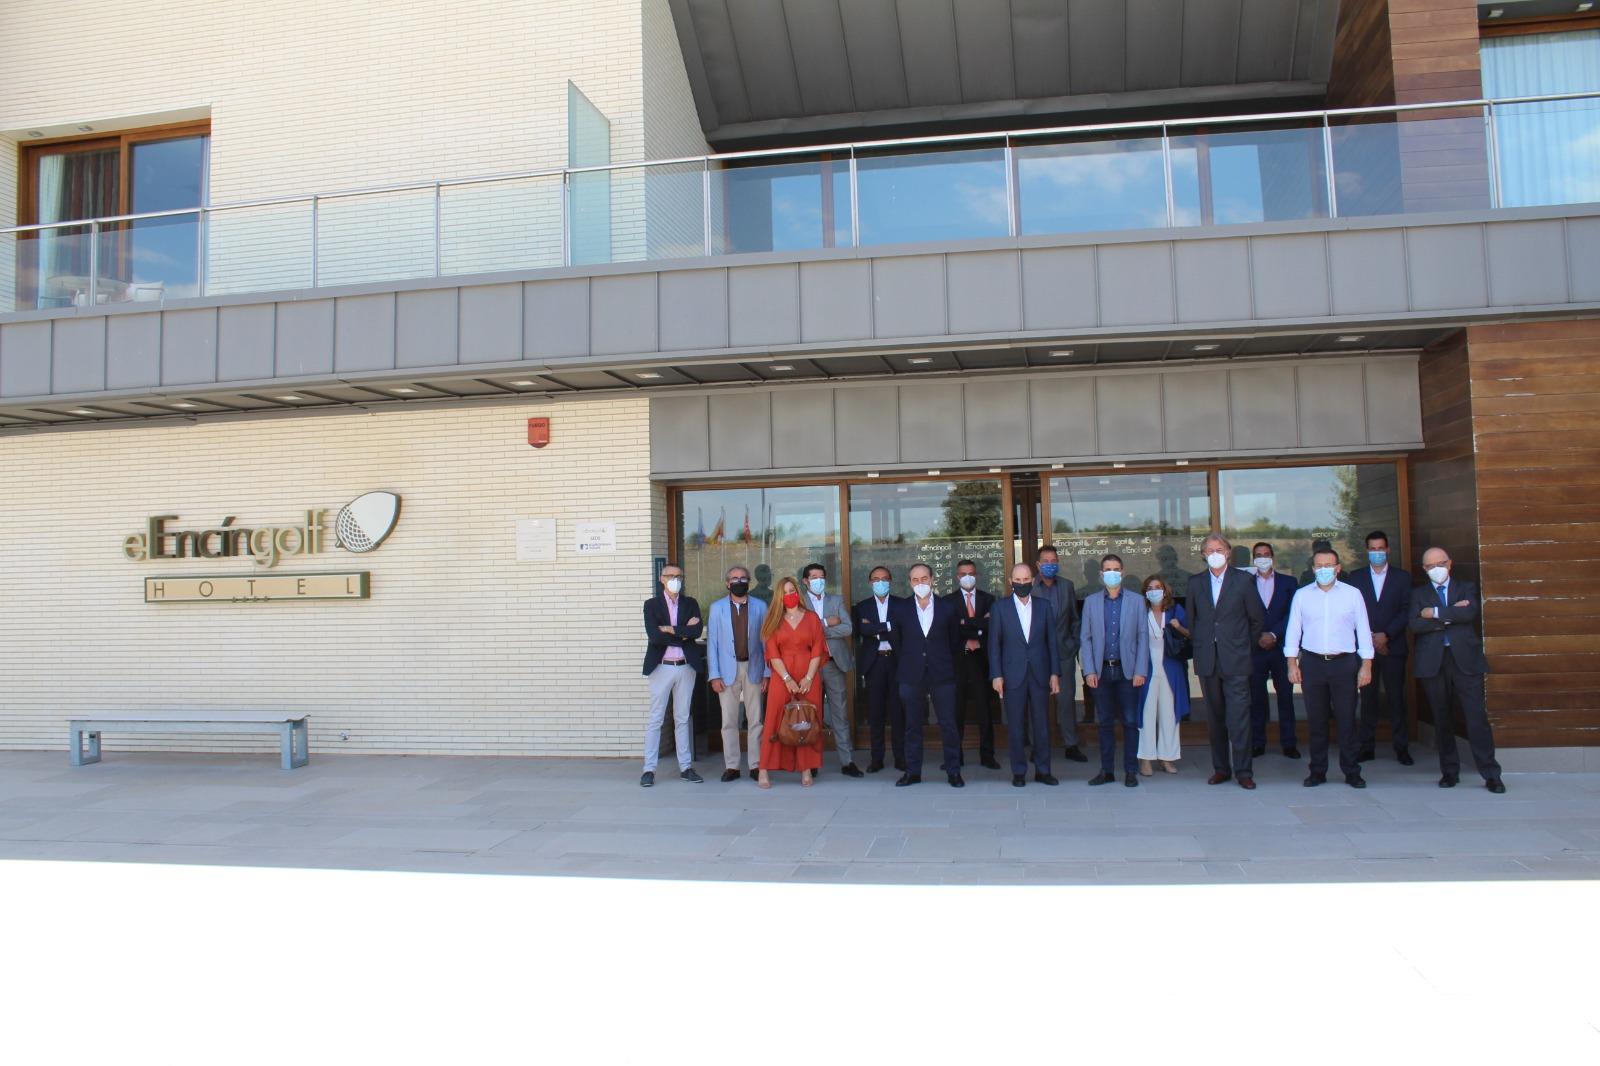 Comite Ejecutivo AEDE y alcalde Alcala con el empresario Joaquín Molpeceres Sánchez julio 2020 Encin